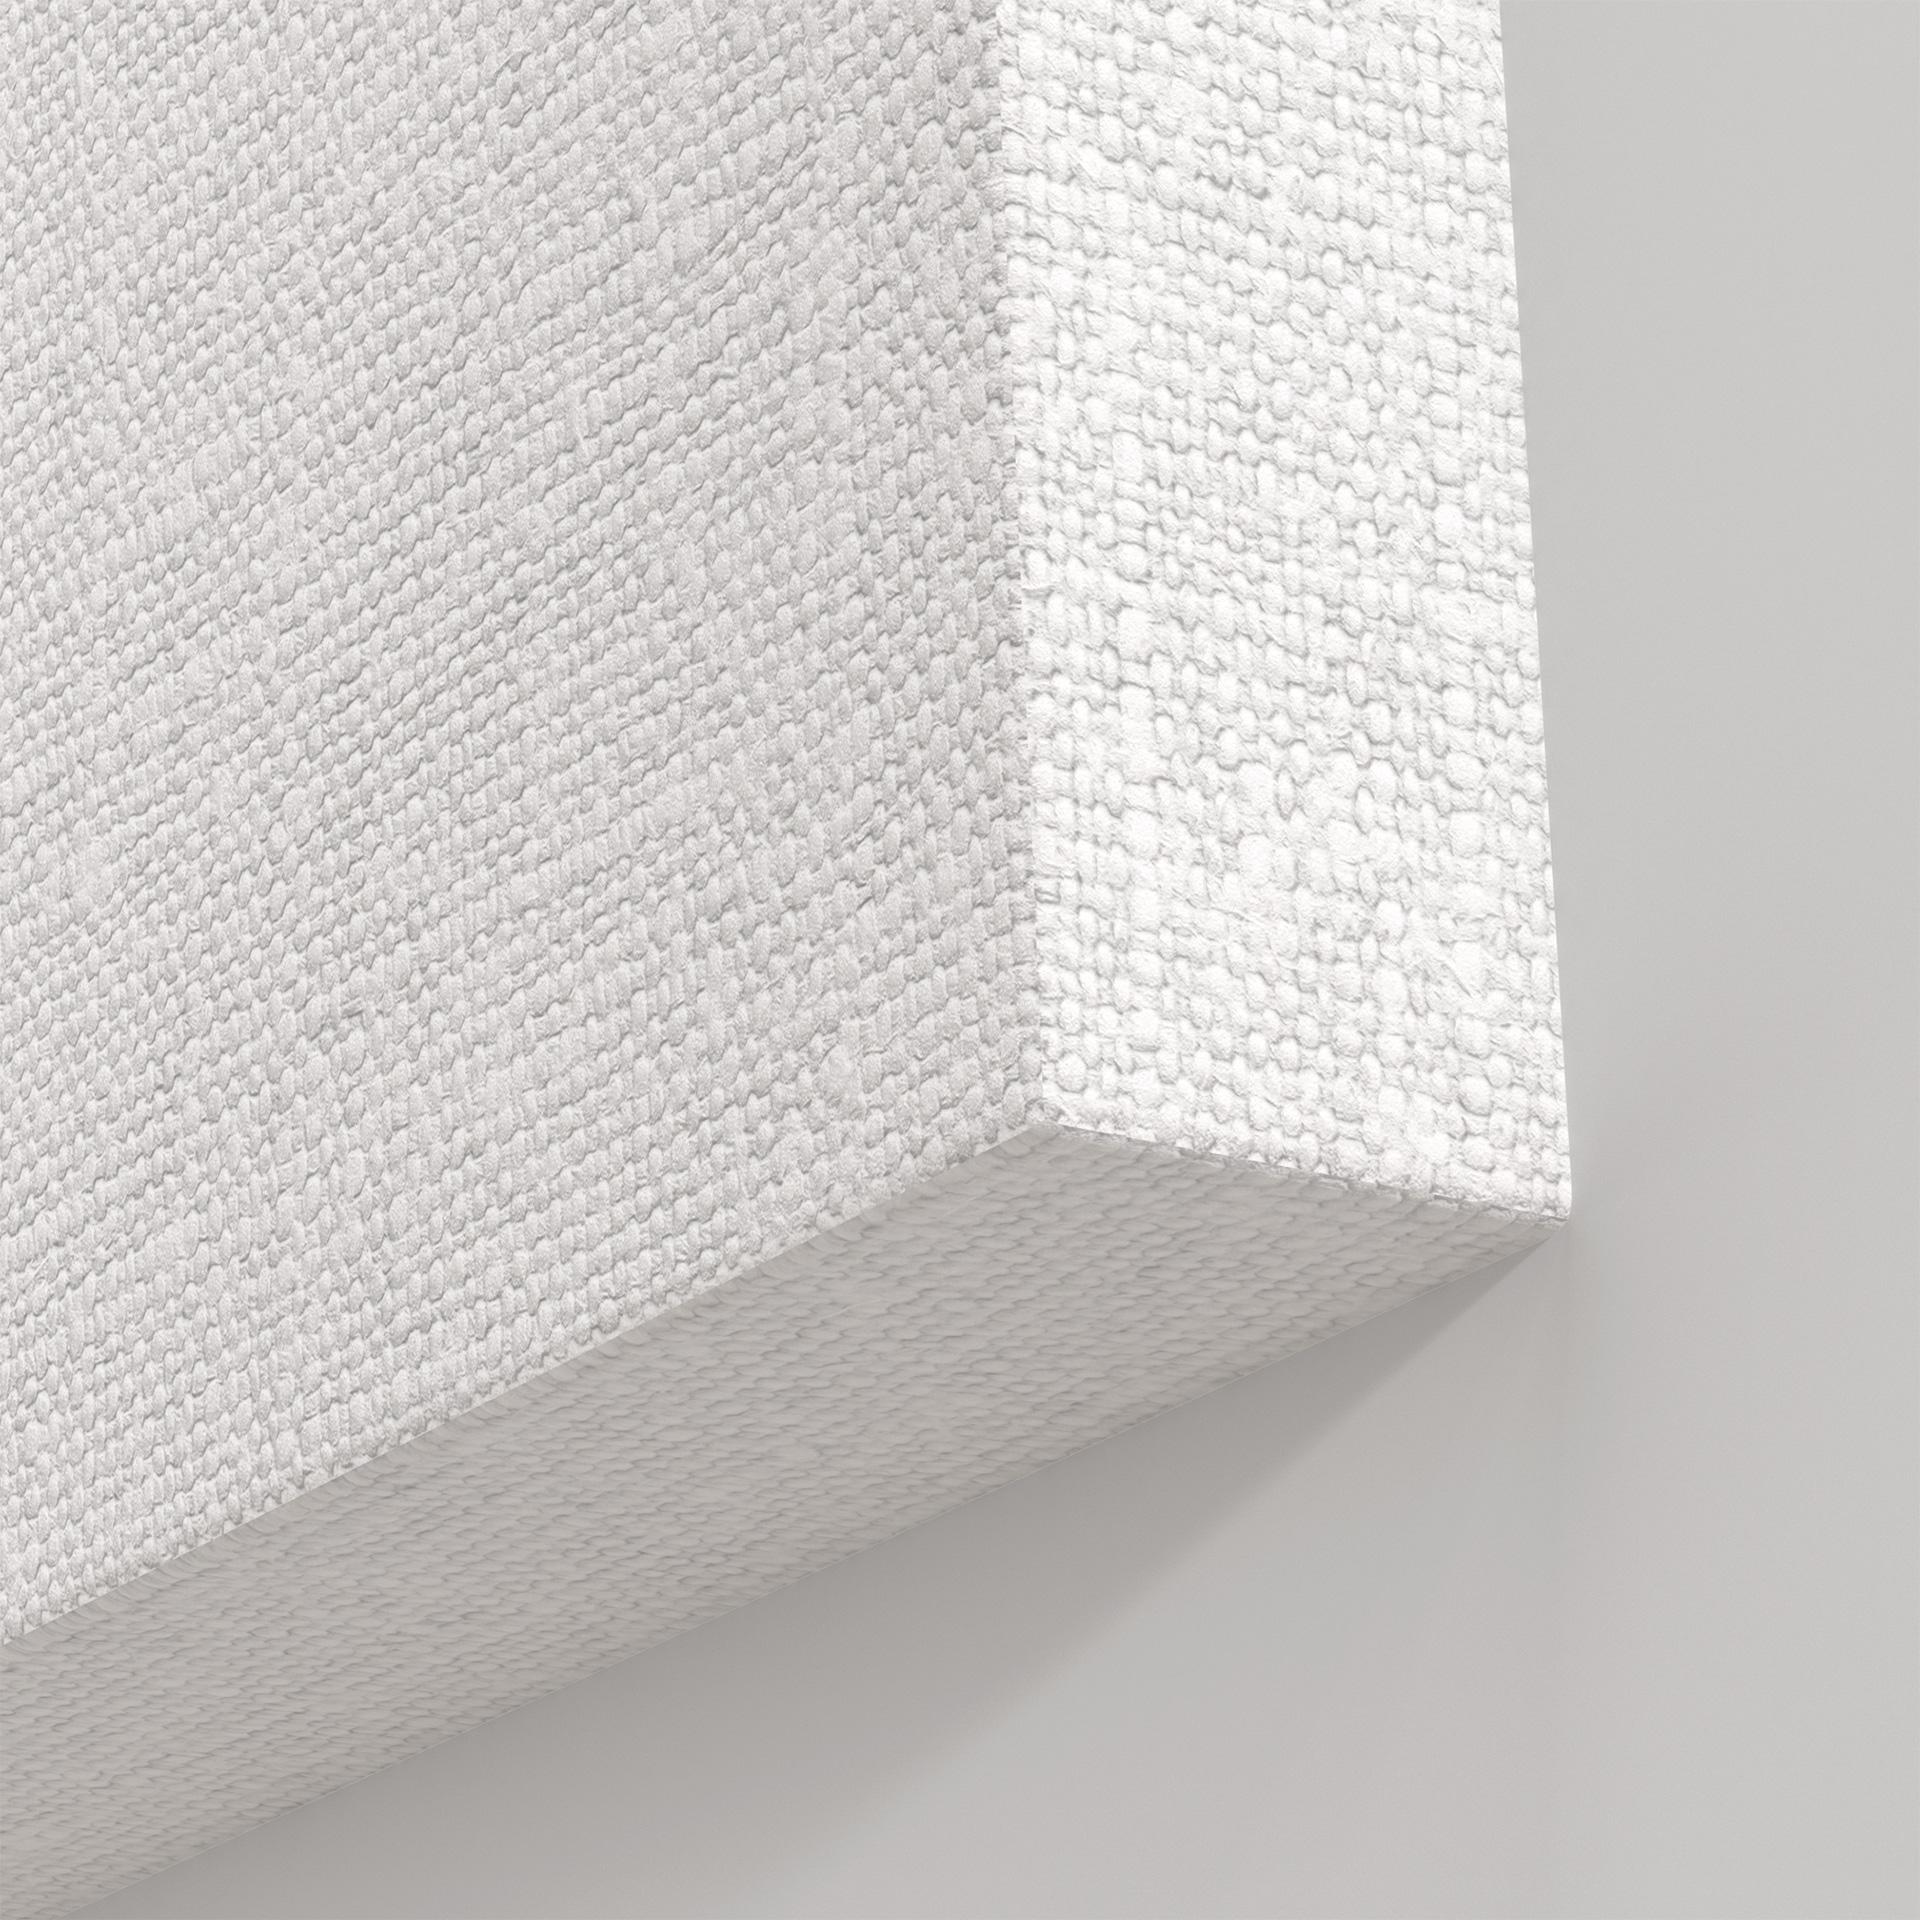 White wrap 1920x1920